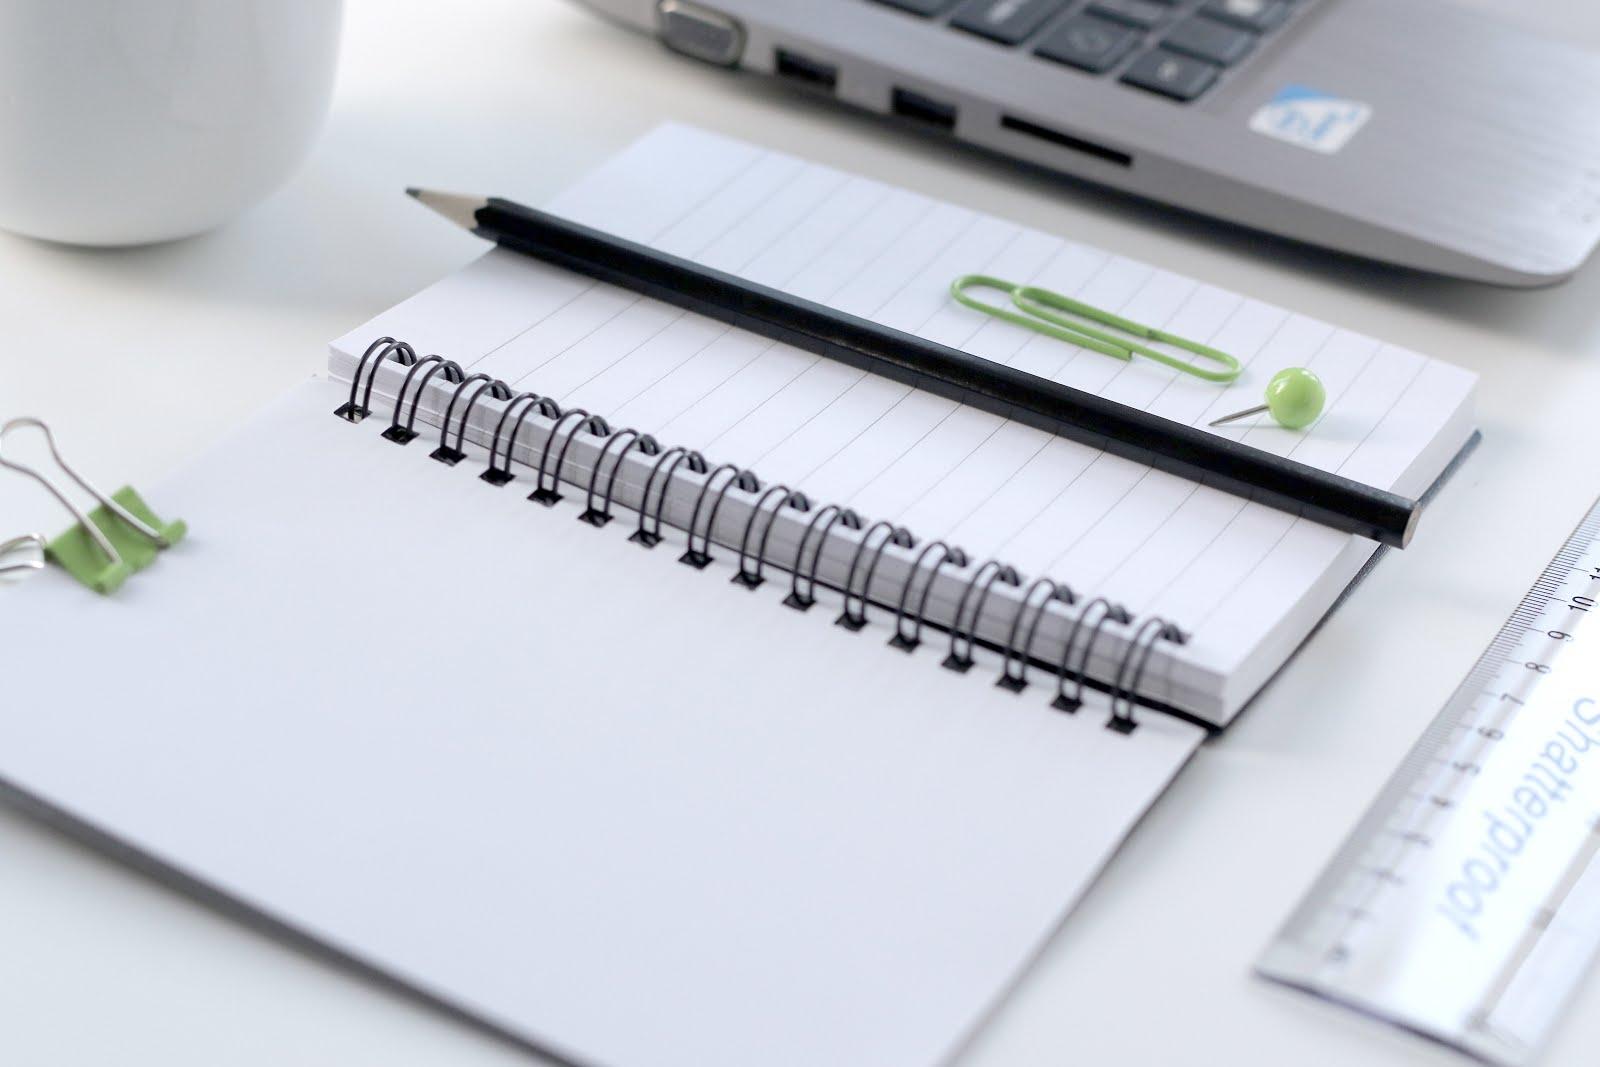 """Jornada aplicación práctica de la valoración de empresas con hoja de cálculo"""". Día 23 de septiembre"""